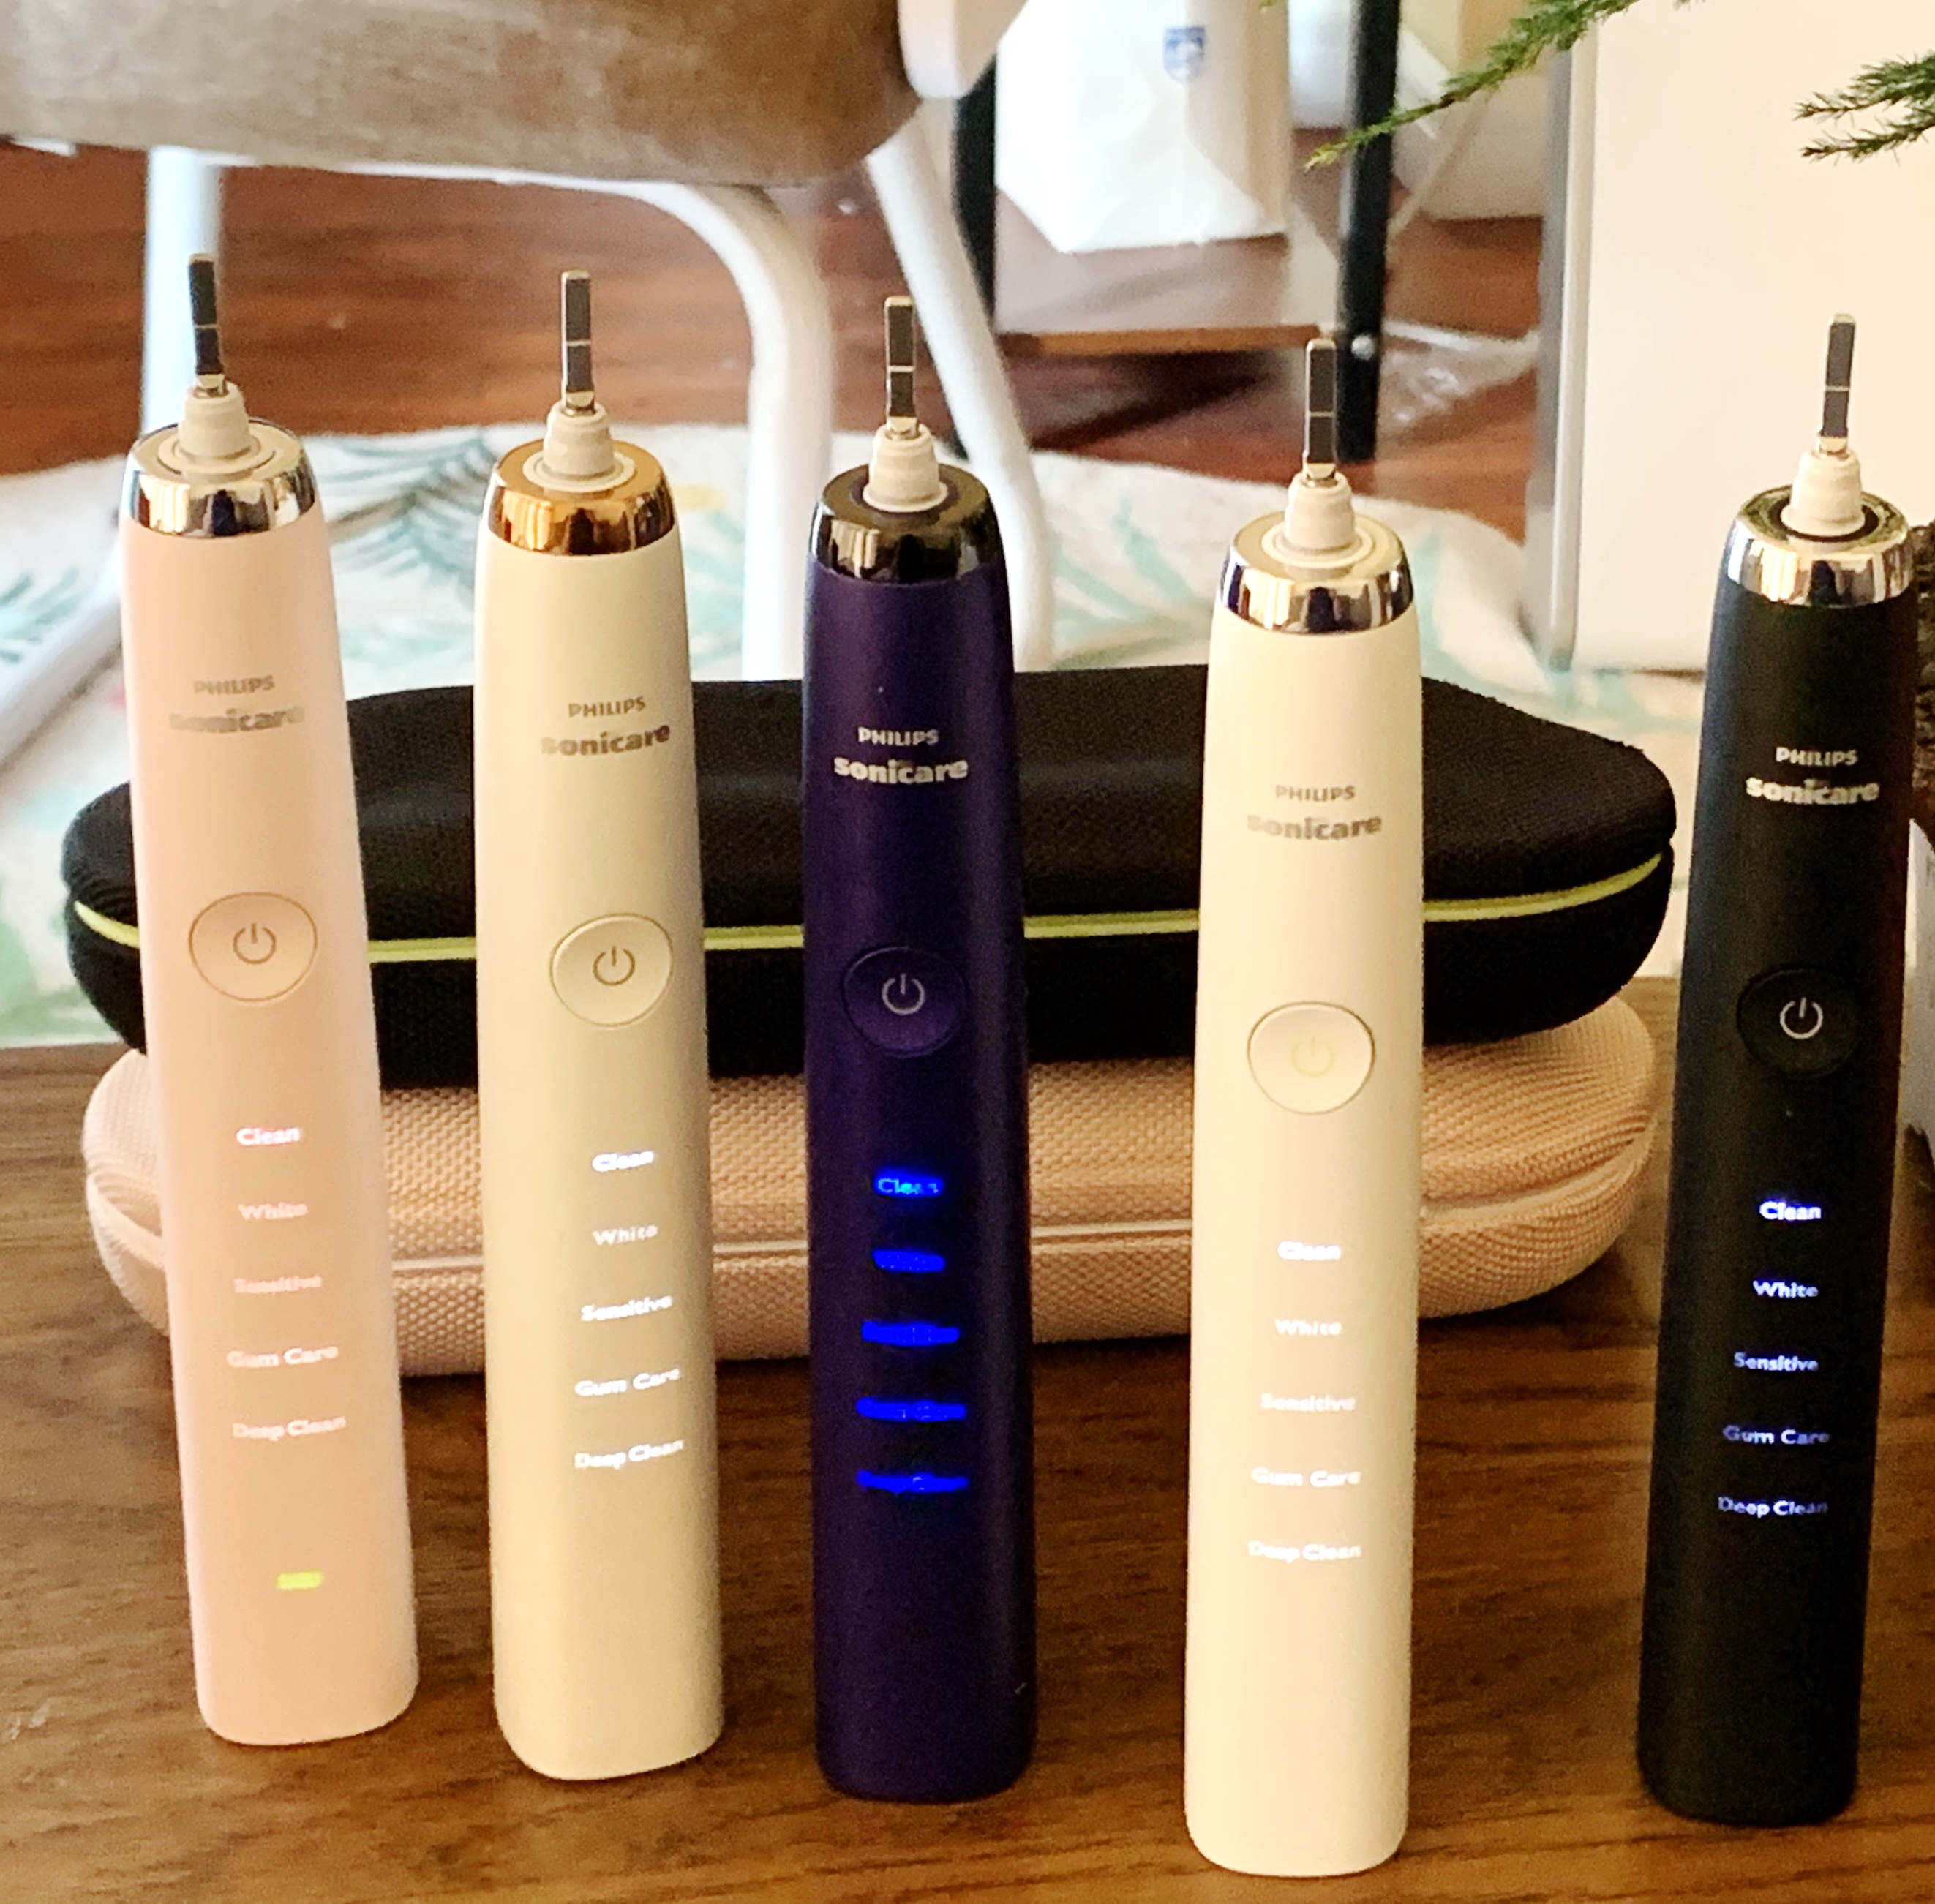 Электрическая зубная Щетка Sonicare для Philips Sonic, водонепроницаемая, 5 режимов, HX9340, обновленная, 4-го поколения, серия HX939, Алмазное отбеливание